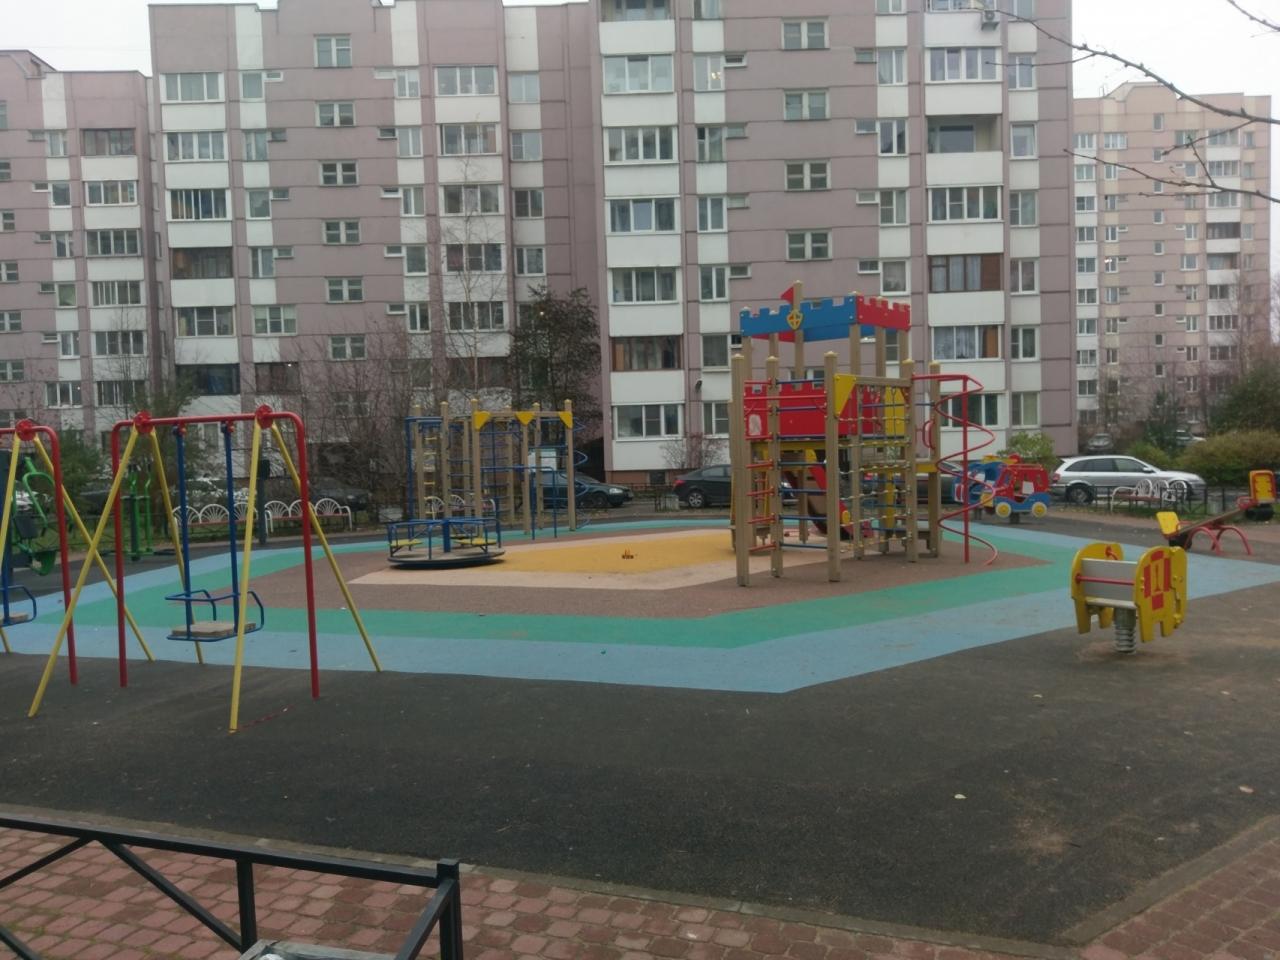 http://dinas.pro.bkn.ru/images/s_big/11c24d86-db1a-11e7-b300-448a5bd44c07.jpg